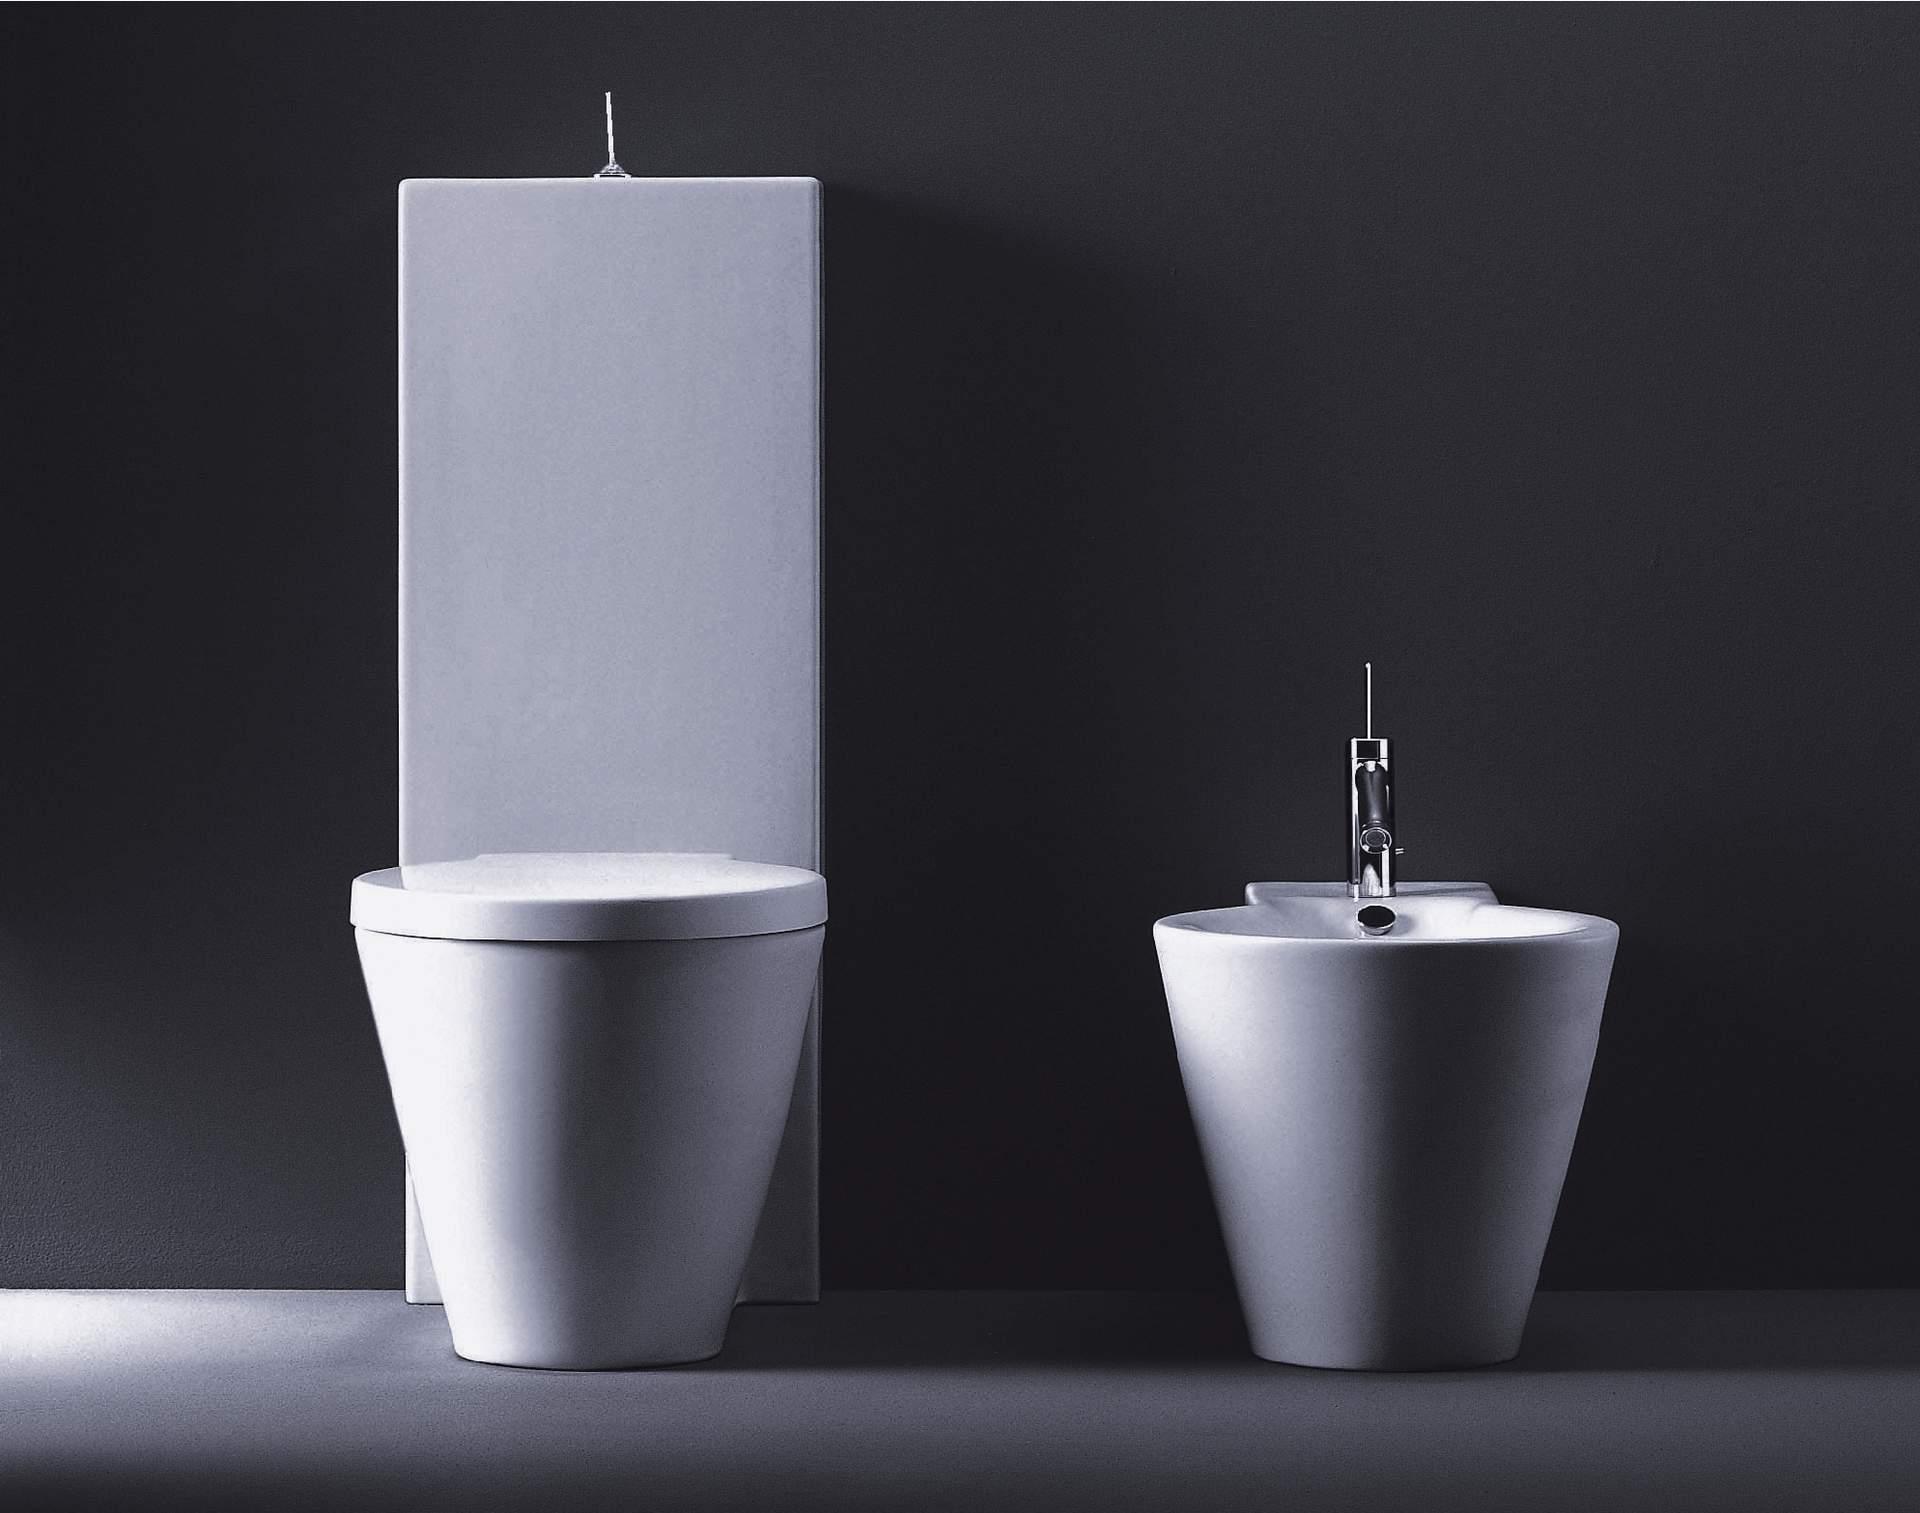 starck 1 waschtische wcs bidets urinale duravit. Black Bedroom Furniture Sets. Home Design Ideas